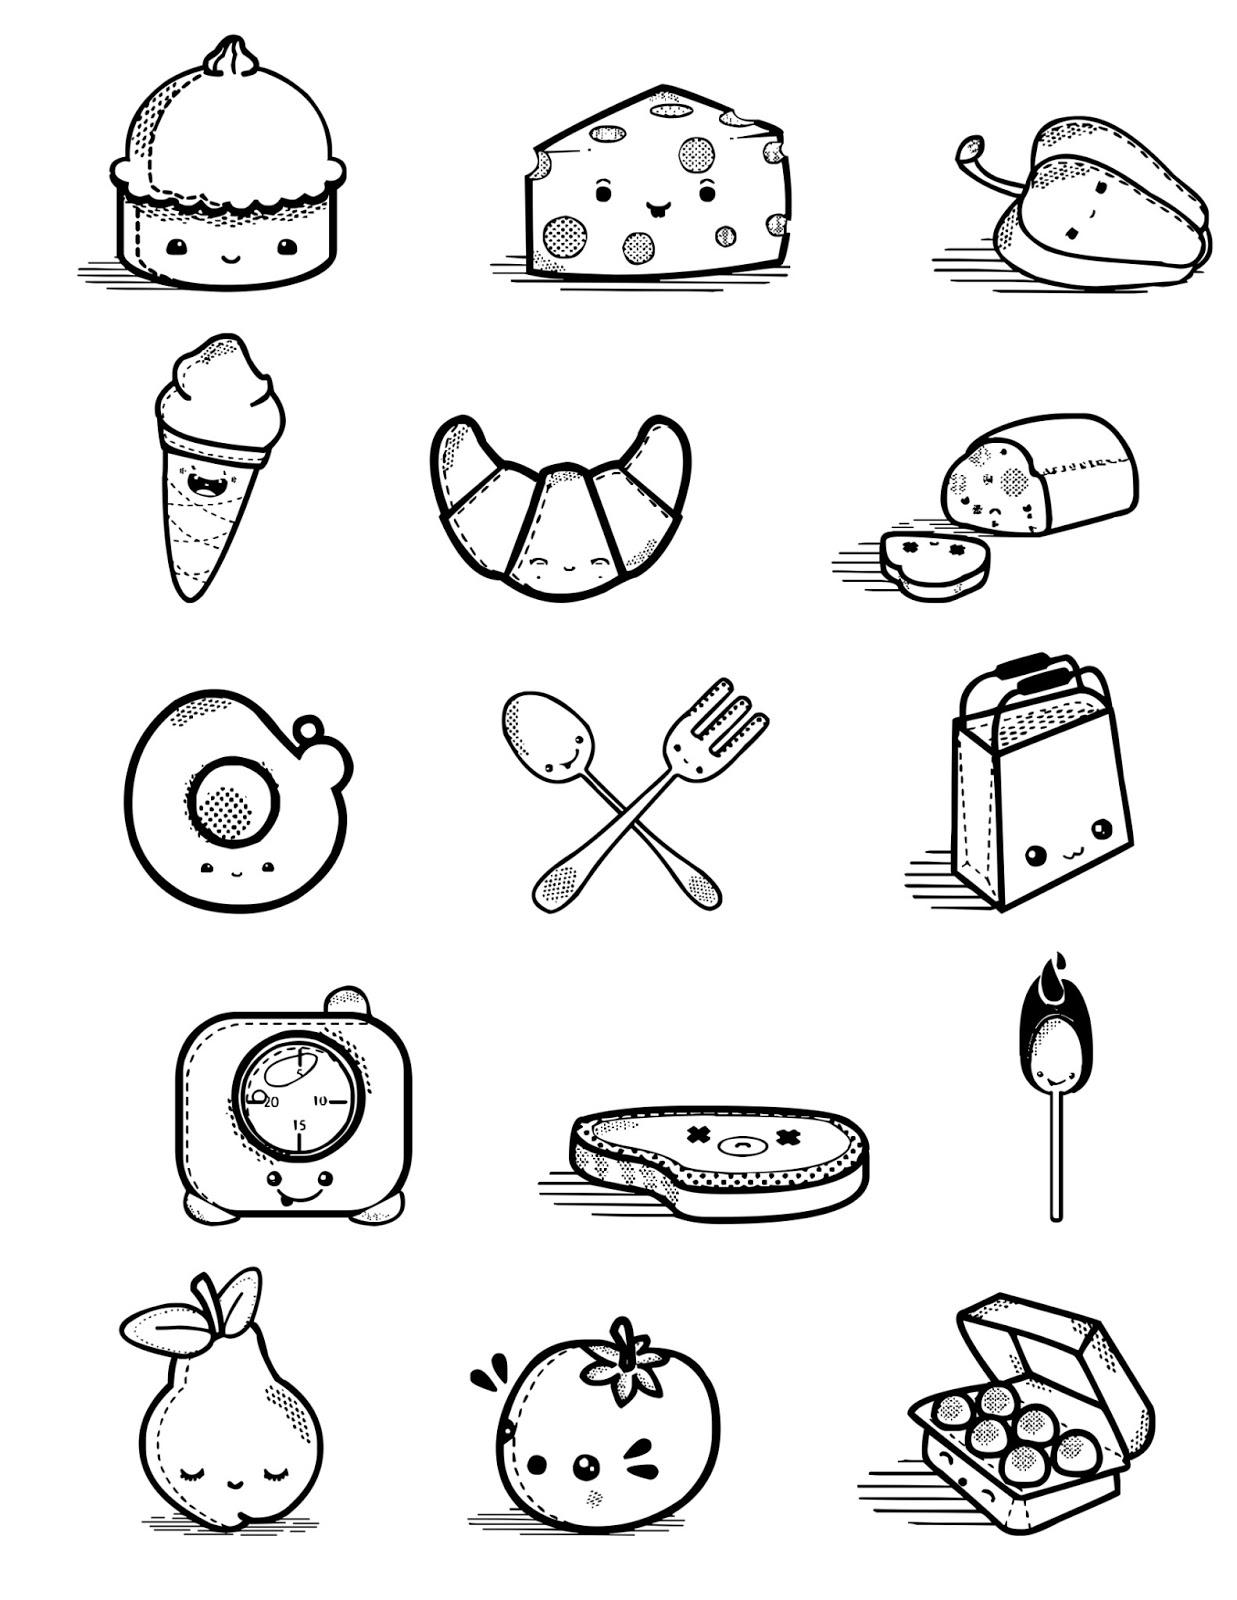 Pin Von Ece Bee Auf Bilder Zum Ausmalen Pinterest Zeichnen Ideen